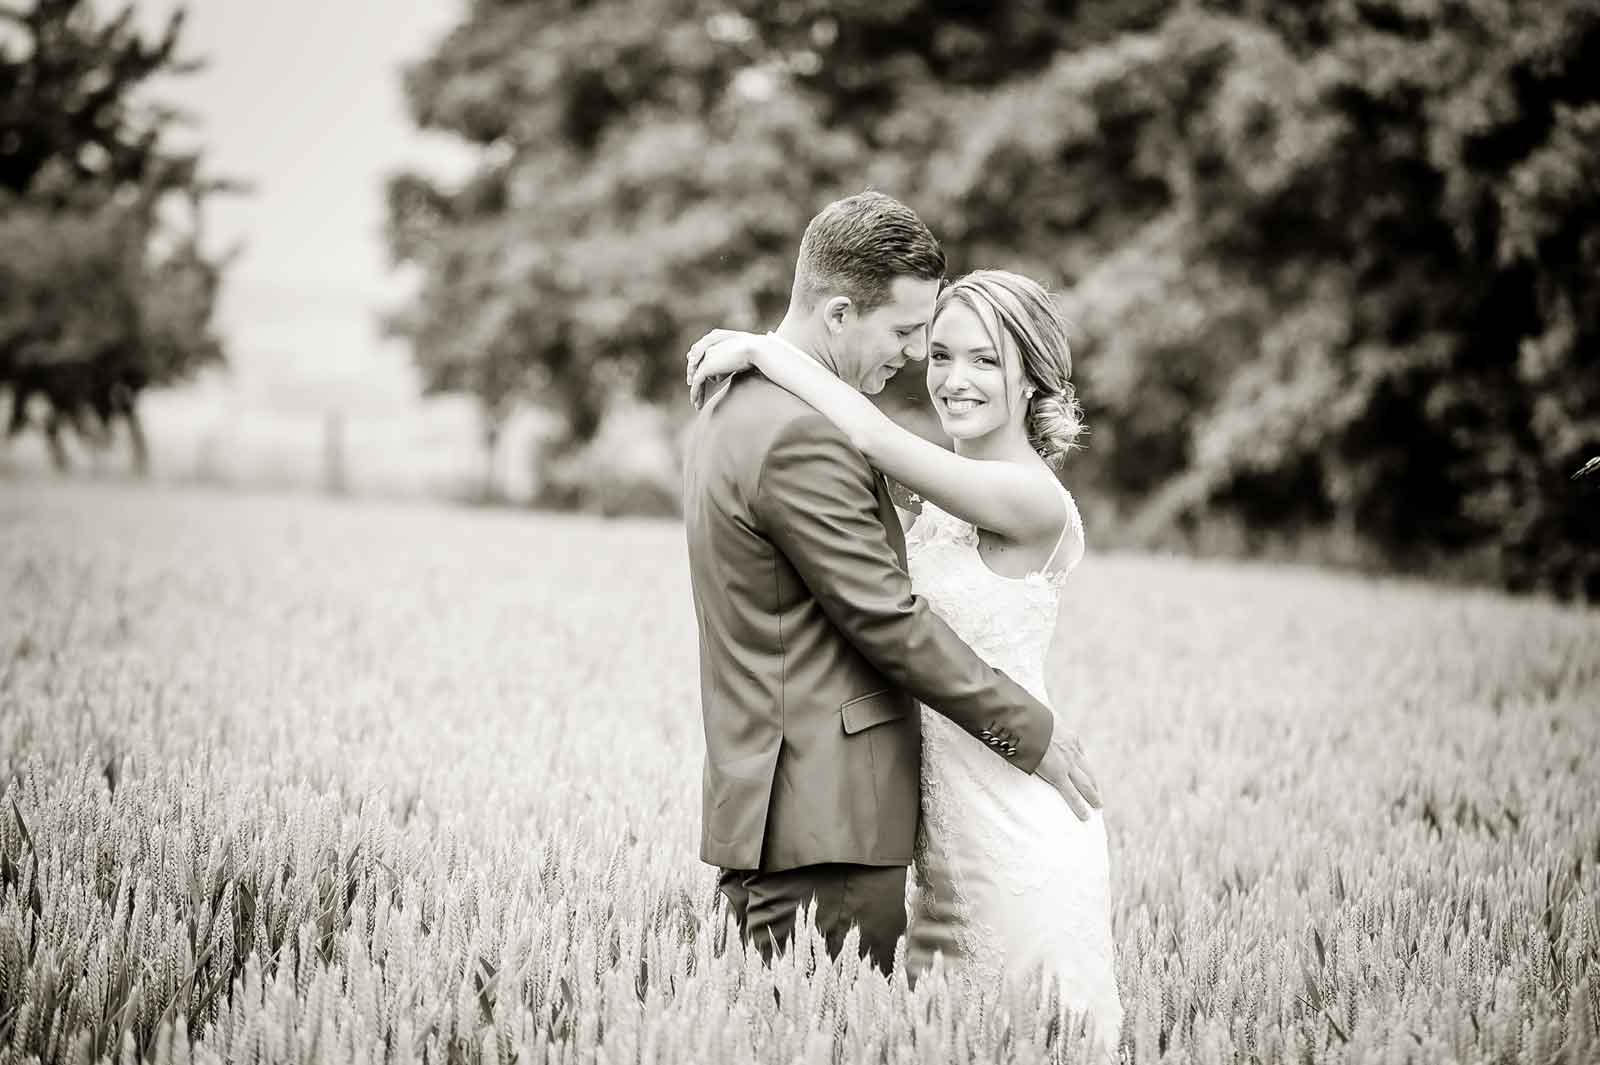 Net getrouwd en staan in het korenveld in Zuid-Limburg zwart-wit